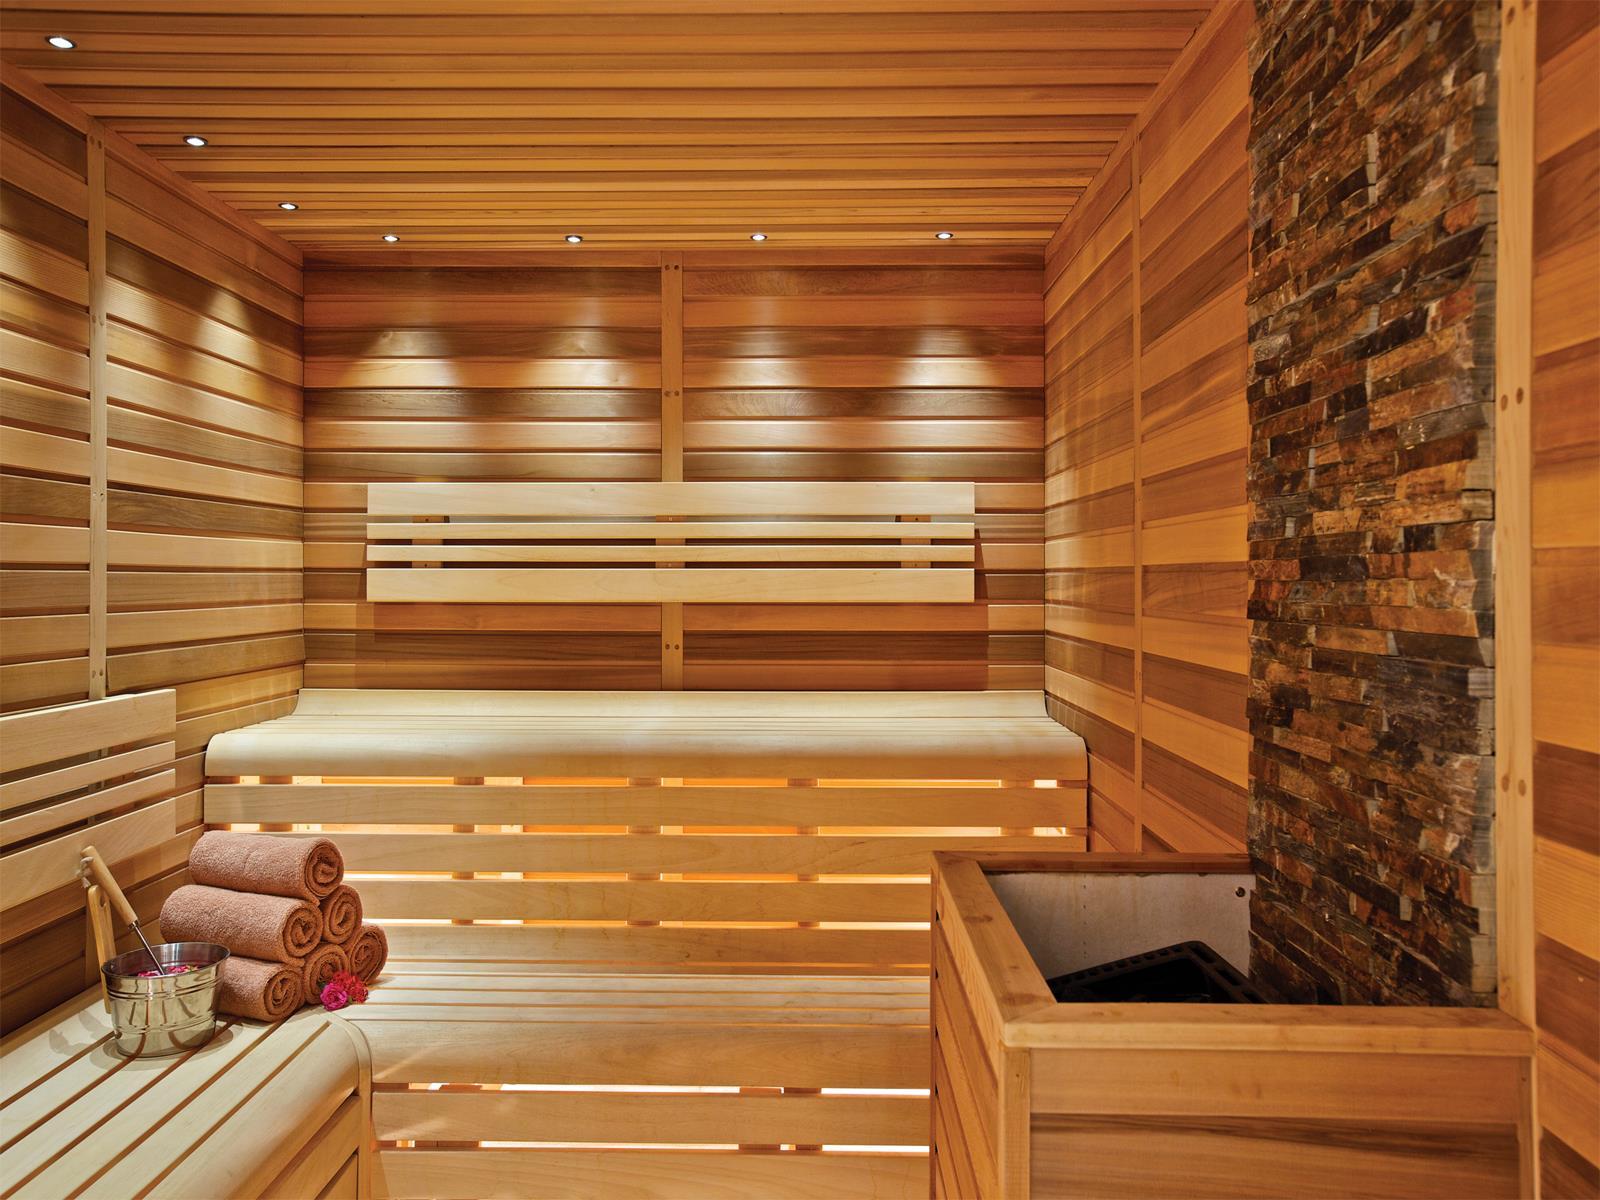 Produttore sauna su misura professionale, Saune finlandese fuori standard